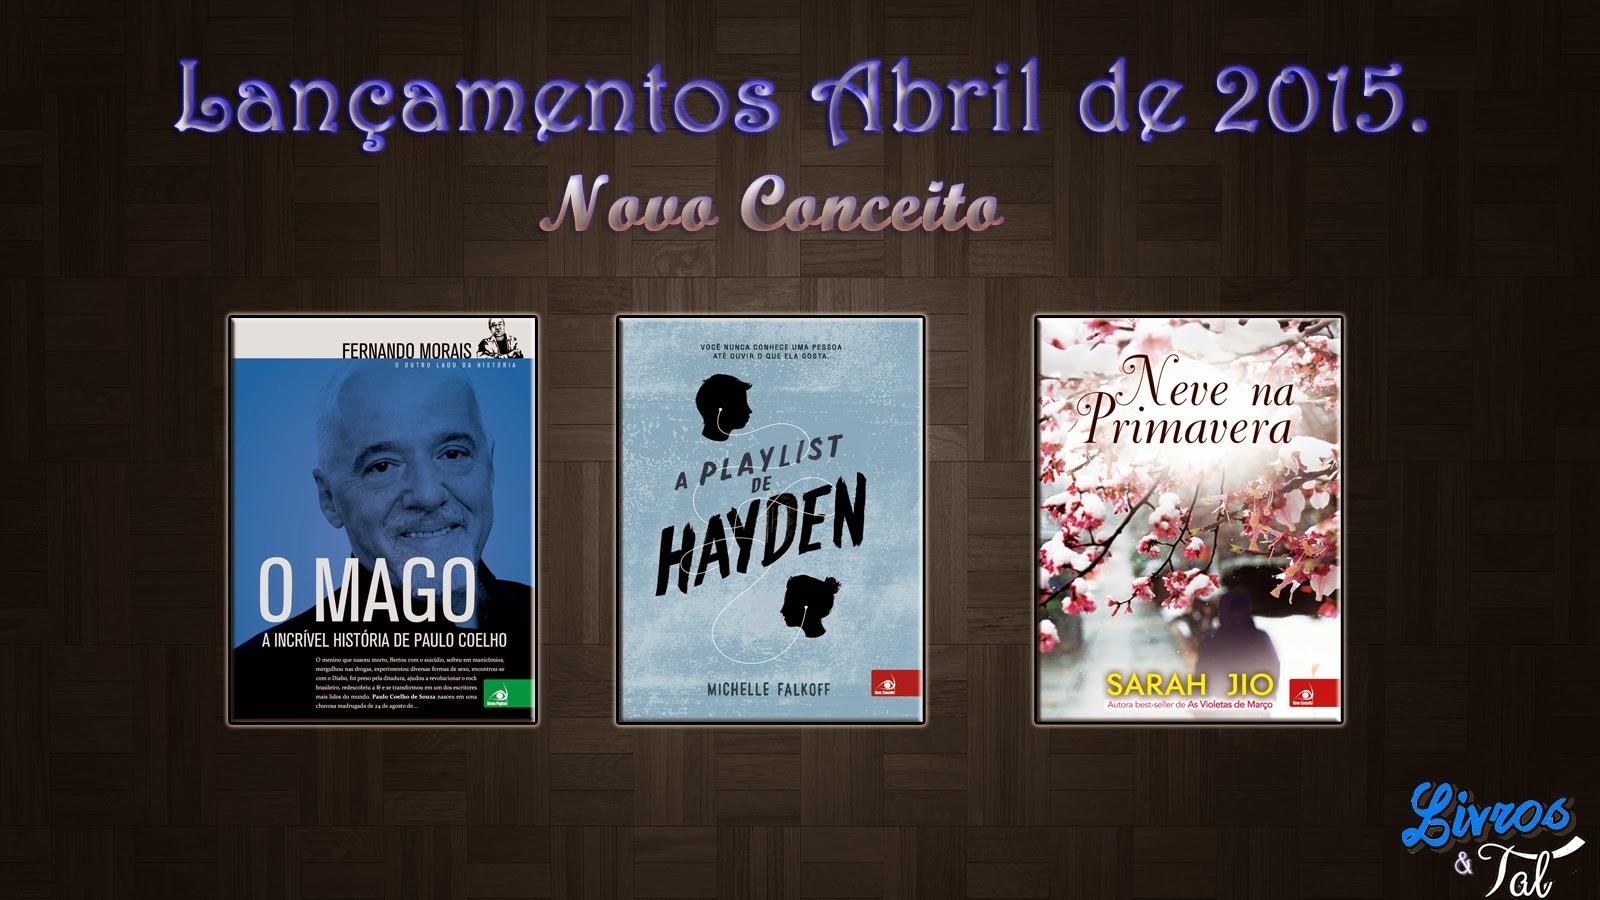 http://livrosetalgroup.blogspot.com.br/p/blog-page_27.html